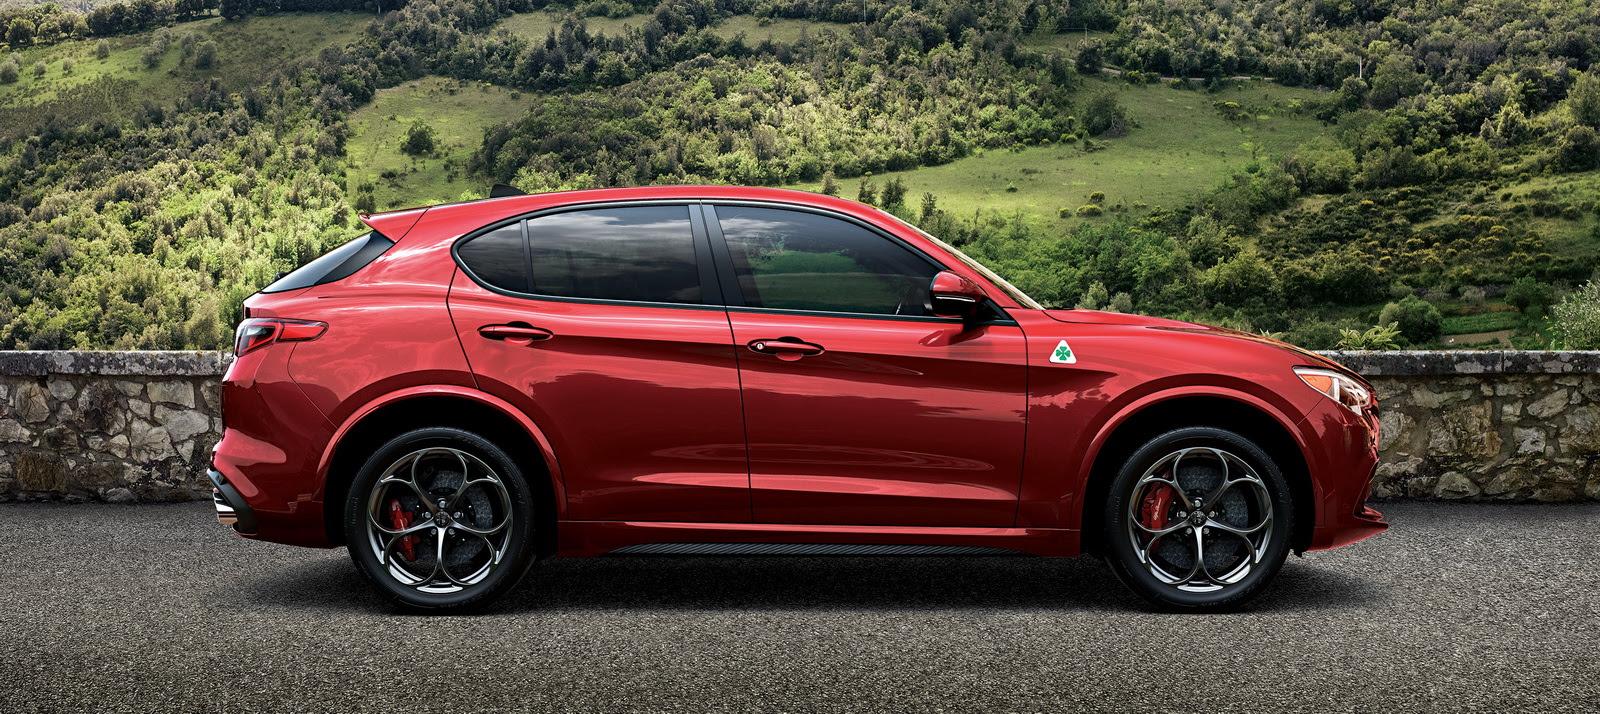 Αποτέλεσμα εικόνας για Live από πέρασμα Stelvio: Οδηγούμε το πρώτο SUV στην ιστορία της Alfa Romeo!